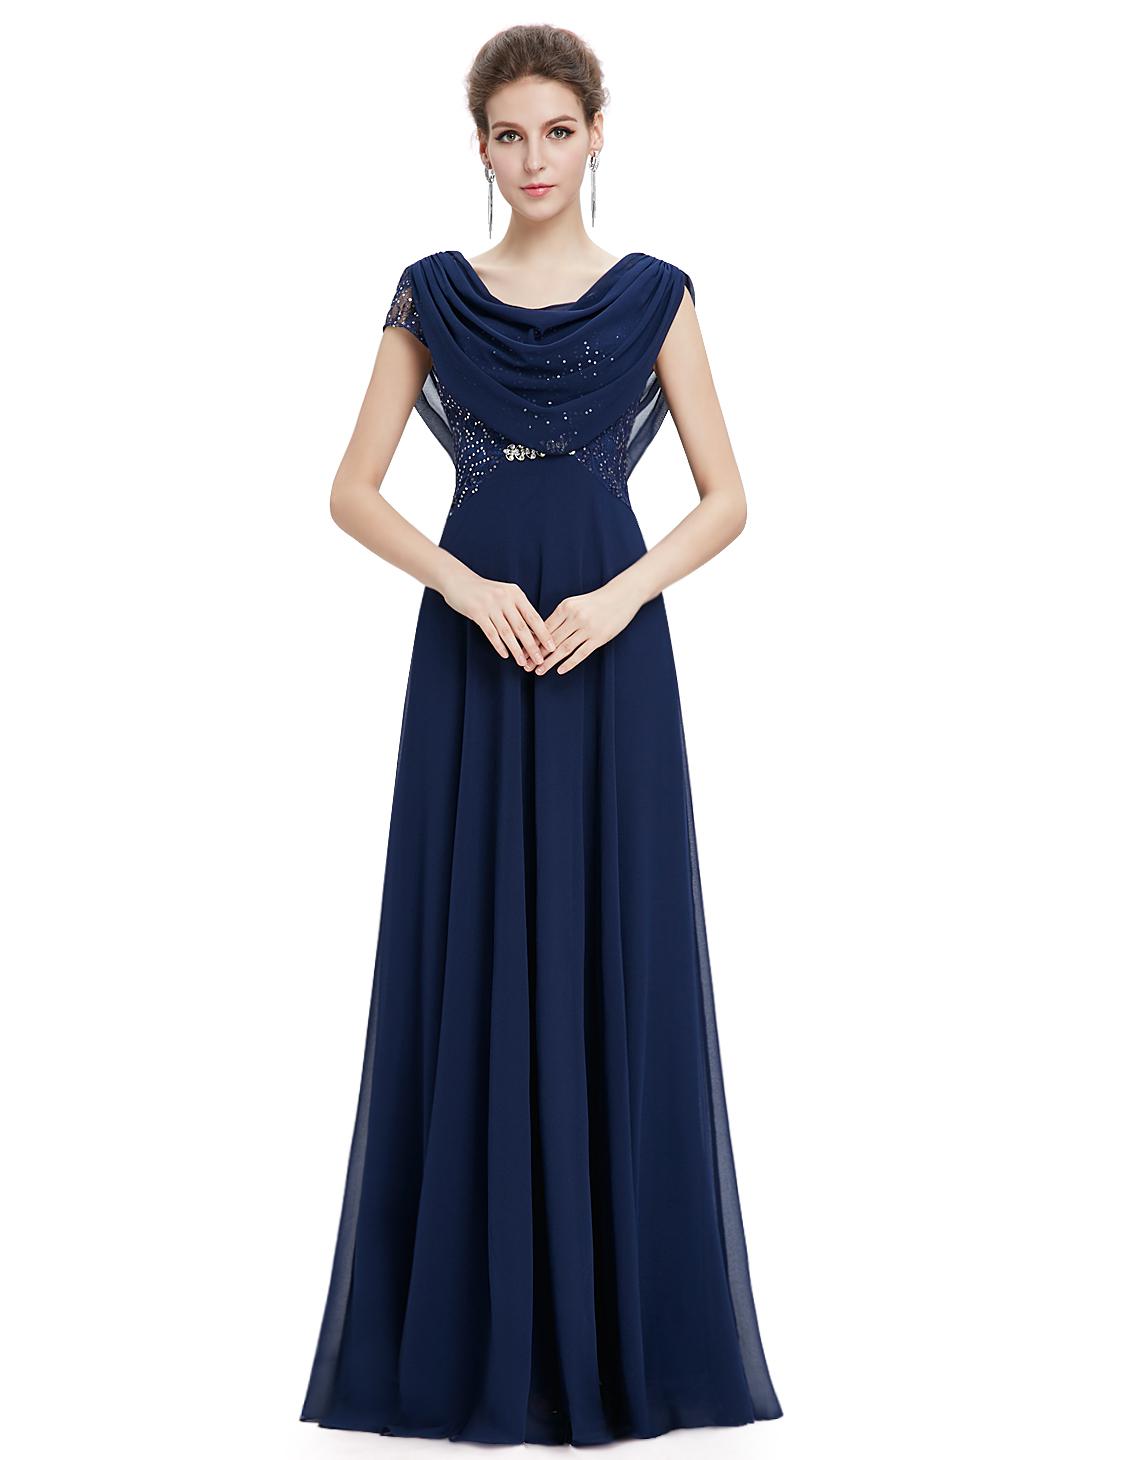 Dámské elegantní Ever Pretty plesové šaty modré 9989 - Glami.cz 5827083a638